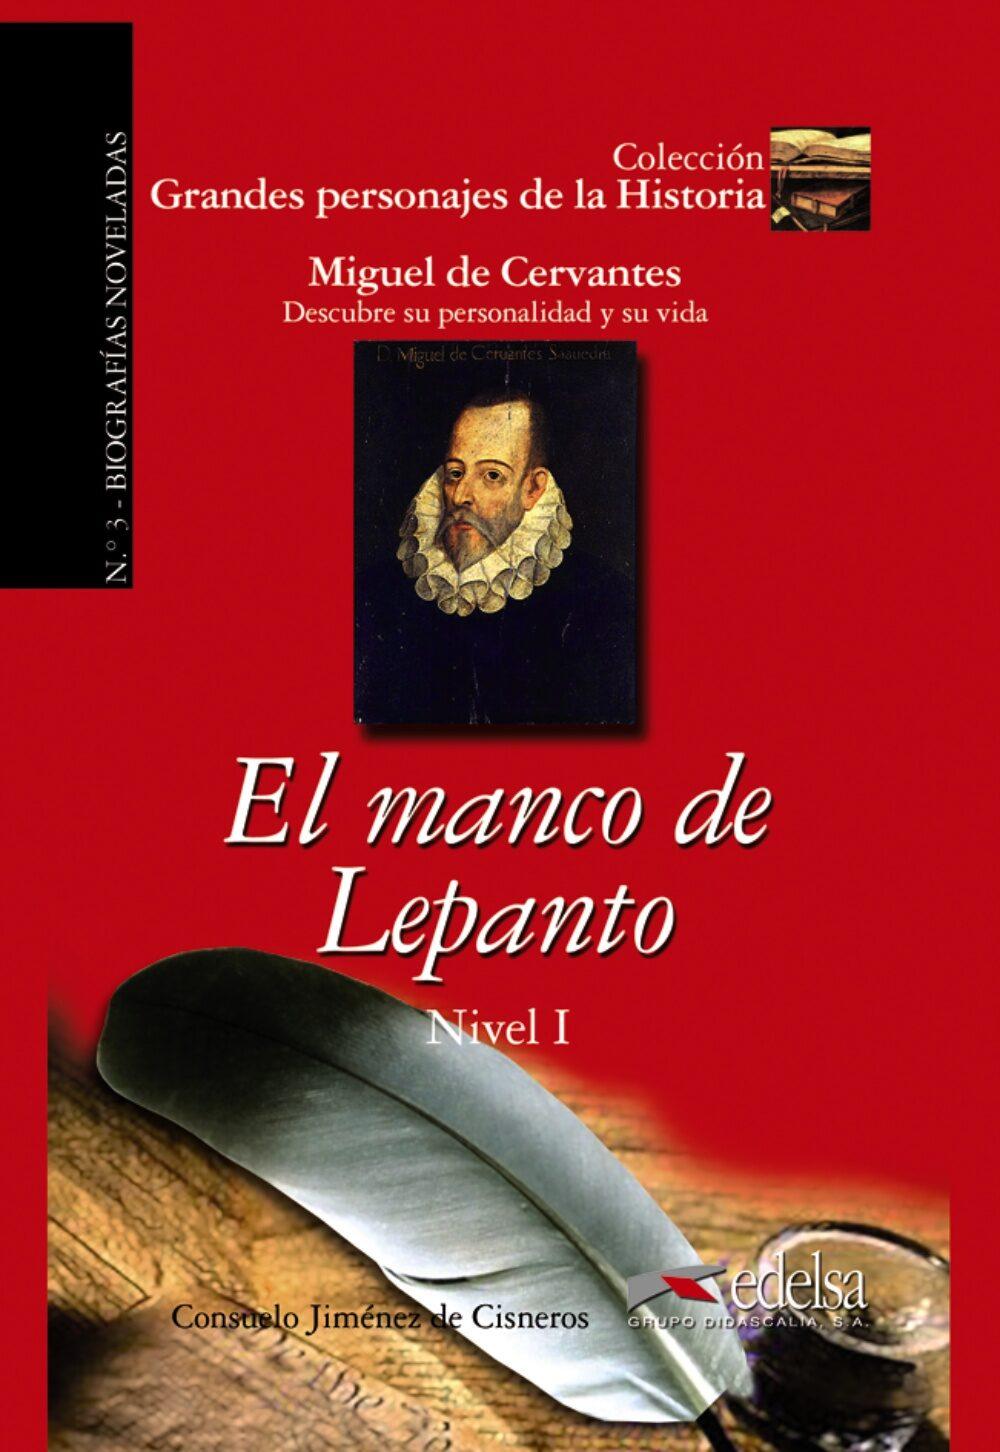 El Manco De Lepanto: Miguel De Cervantes - Descubre Su Personalid Ad Y Su Vida por Consuelo Jimenez De Cisneros epub